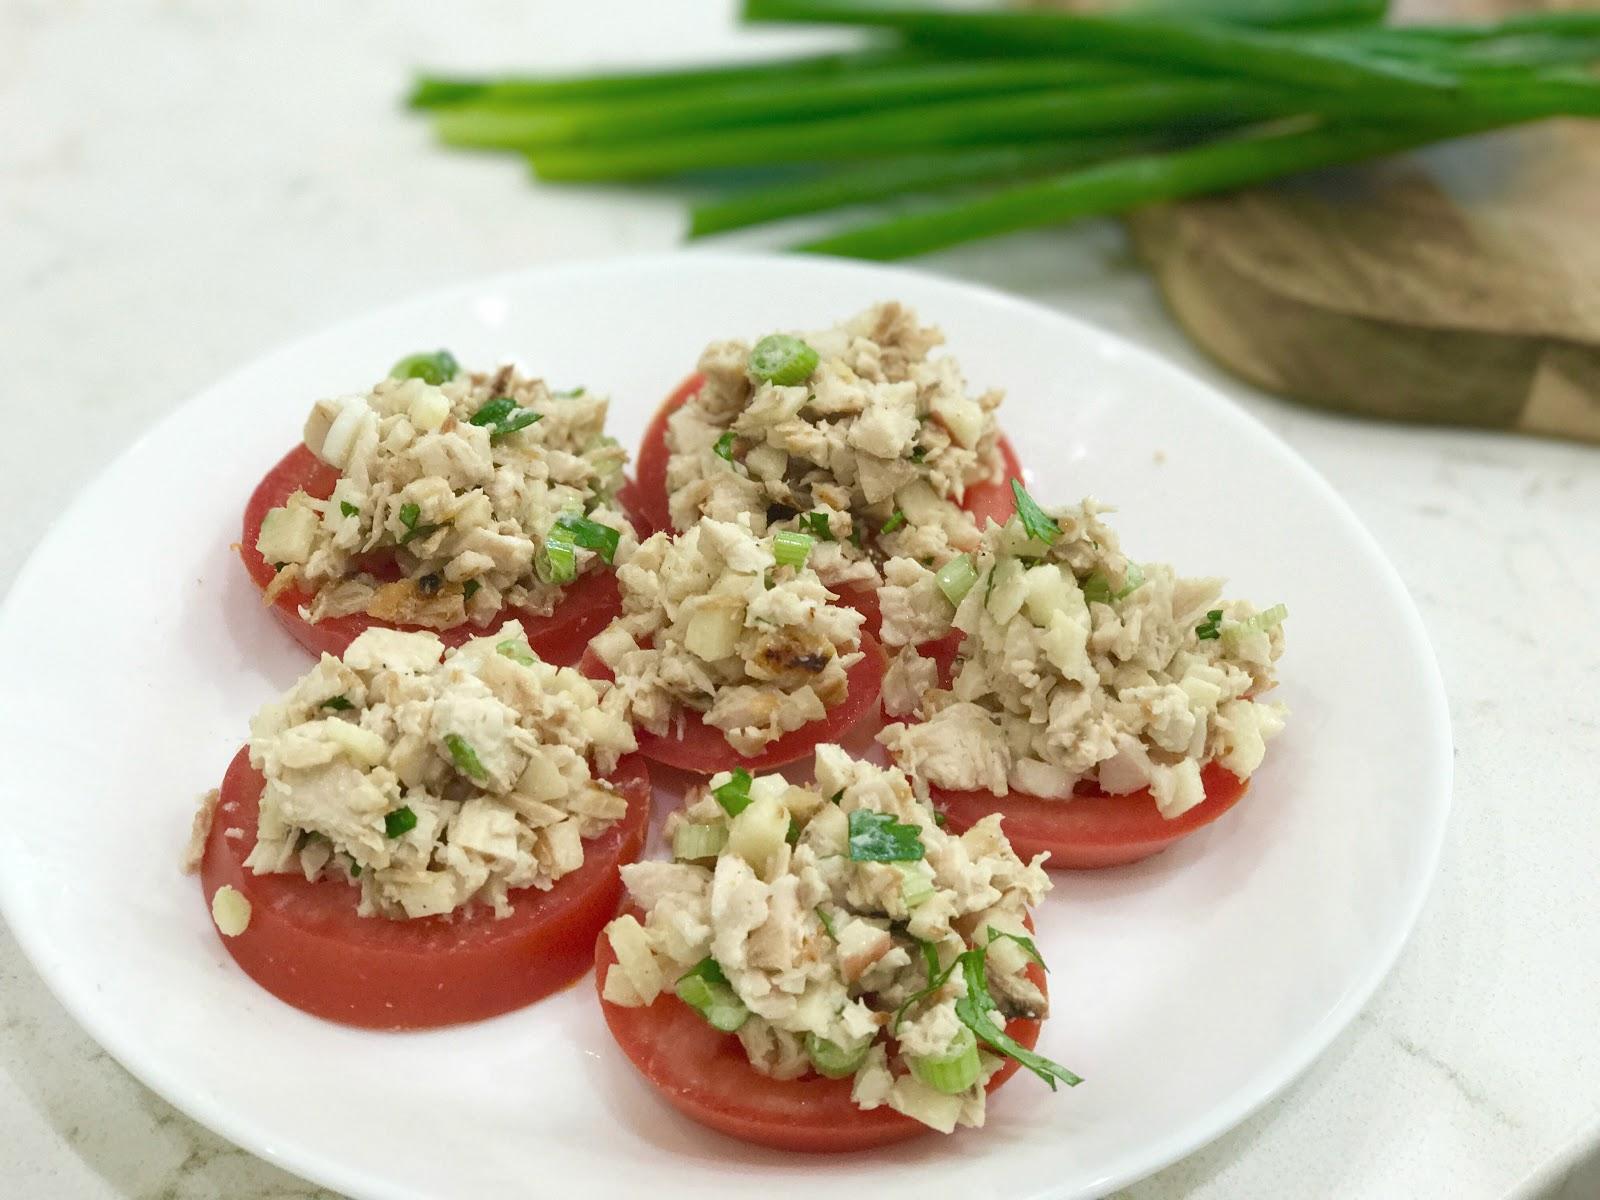 Chicken & Apple Salad on Tomato Slices